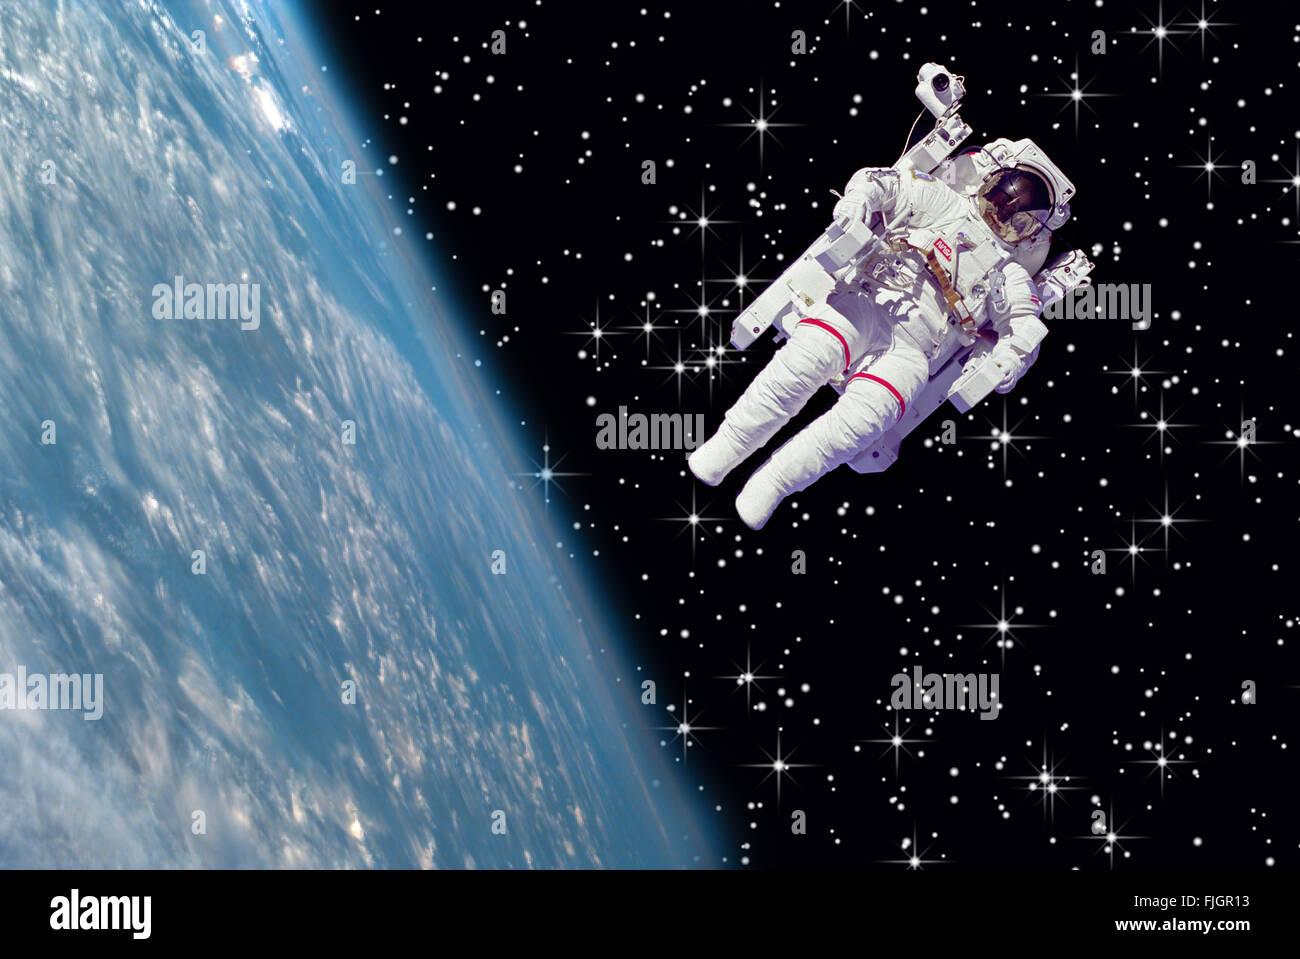 NASA Bild Astronaut Erde Weltraum Sterne schweben Stockbild